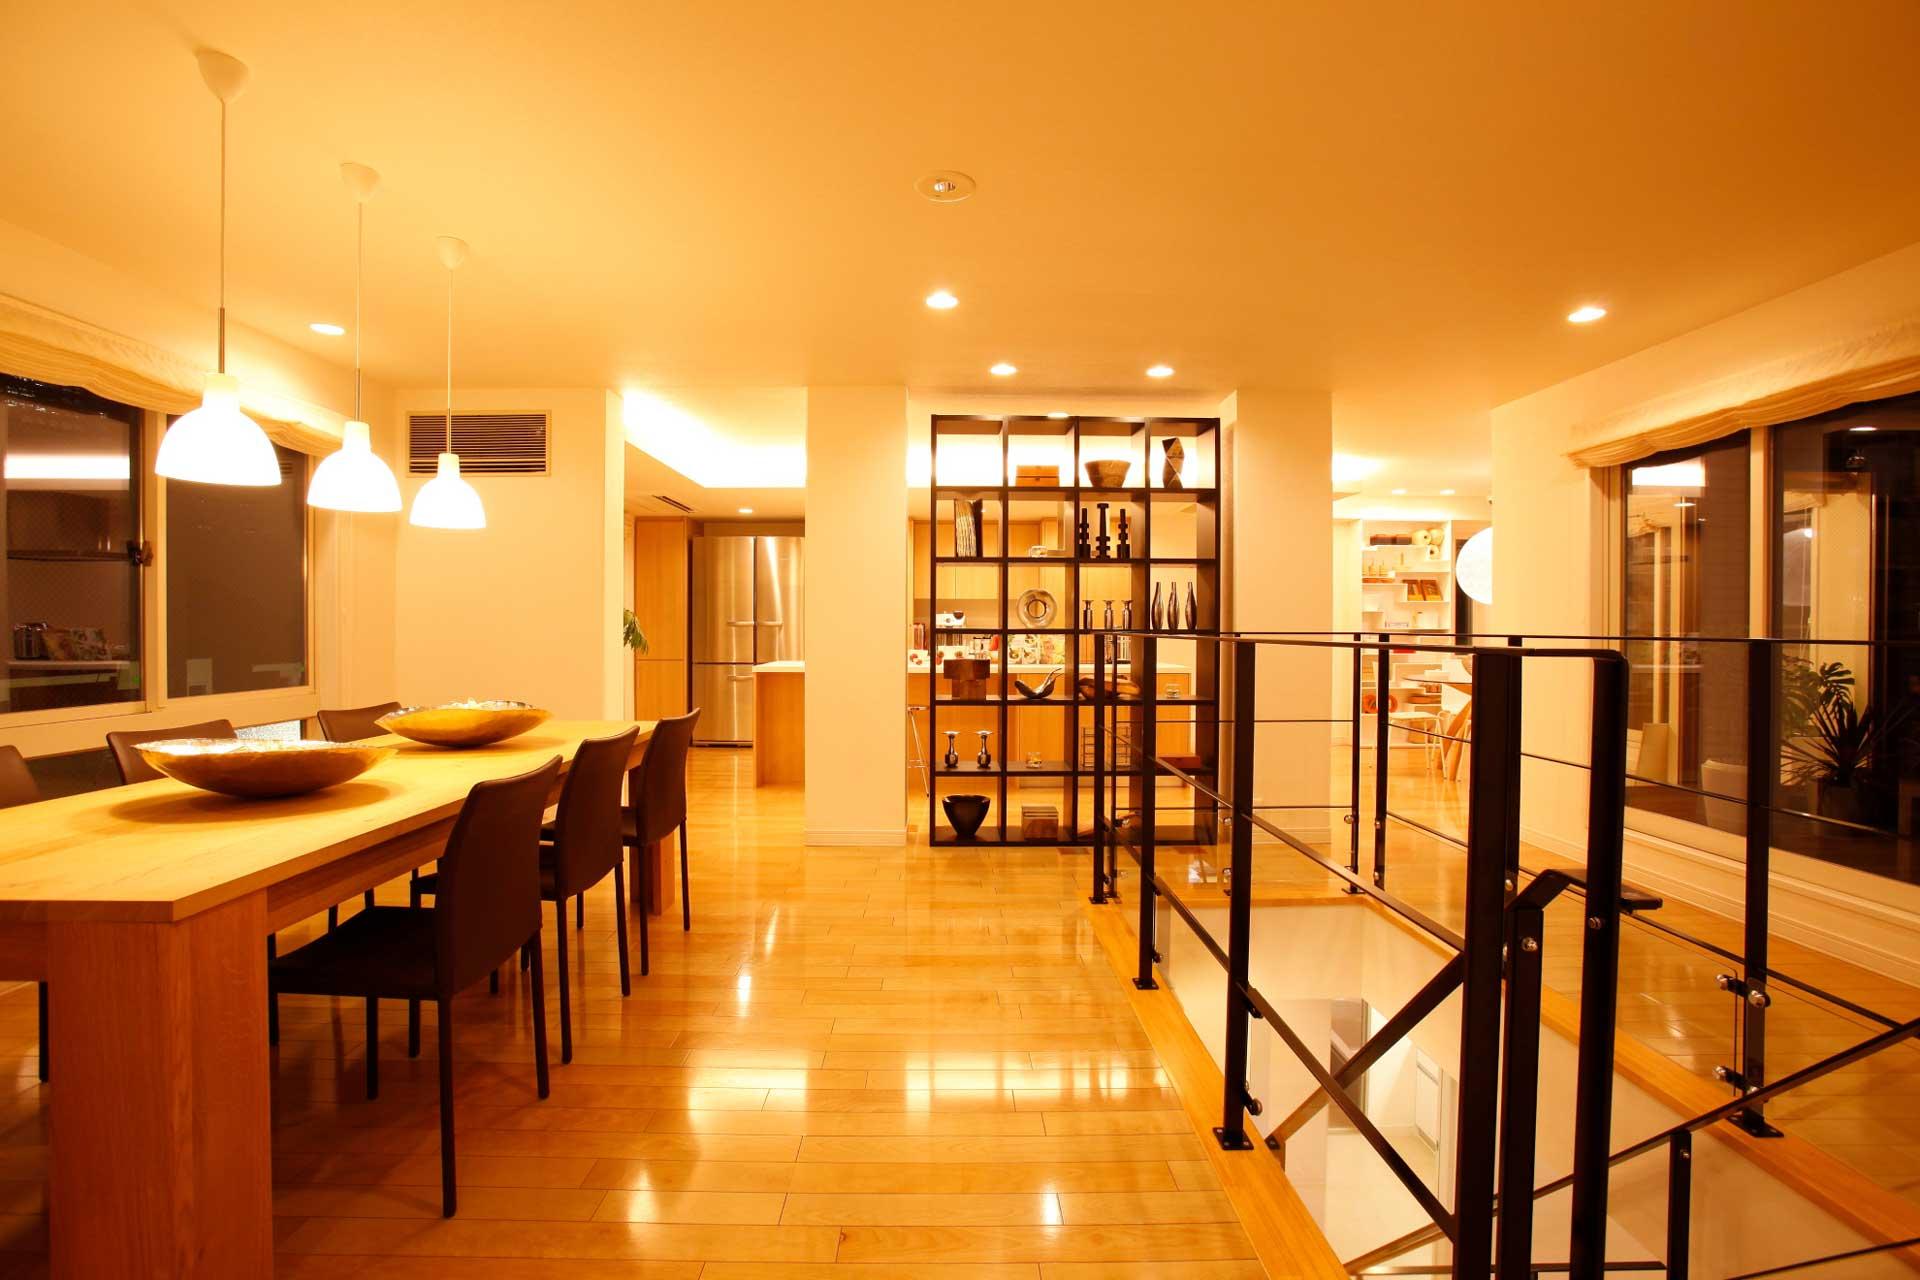 ウェブサイト(WEB)用、店舗建築撮影の写真です。(5o-248)